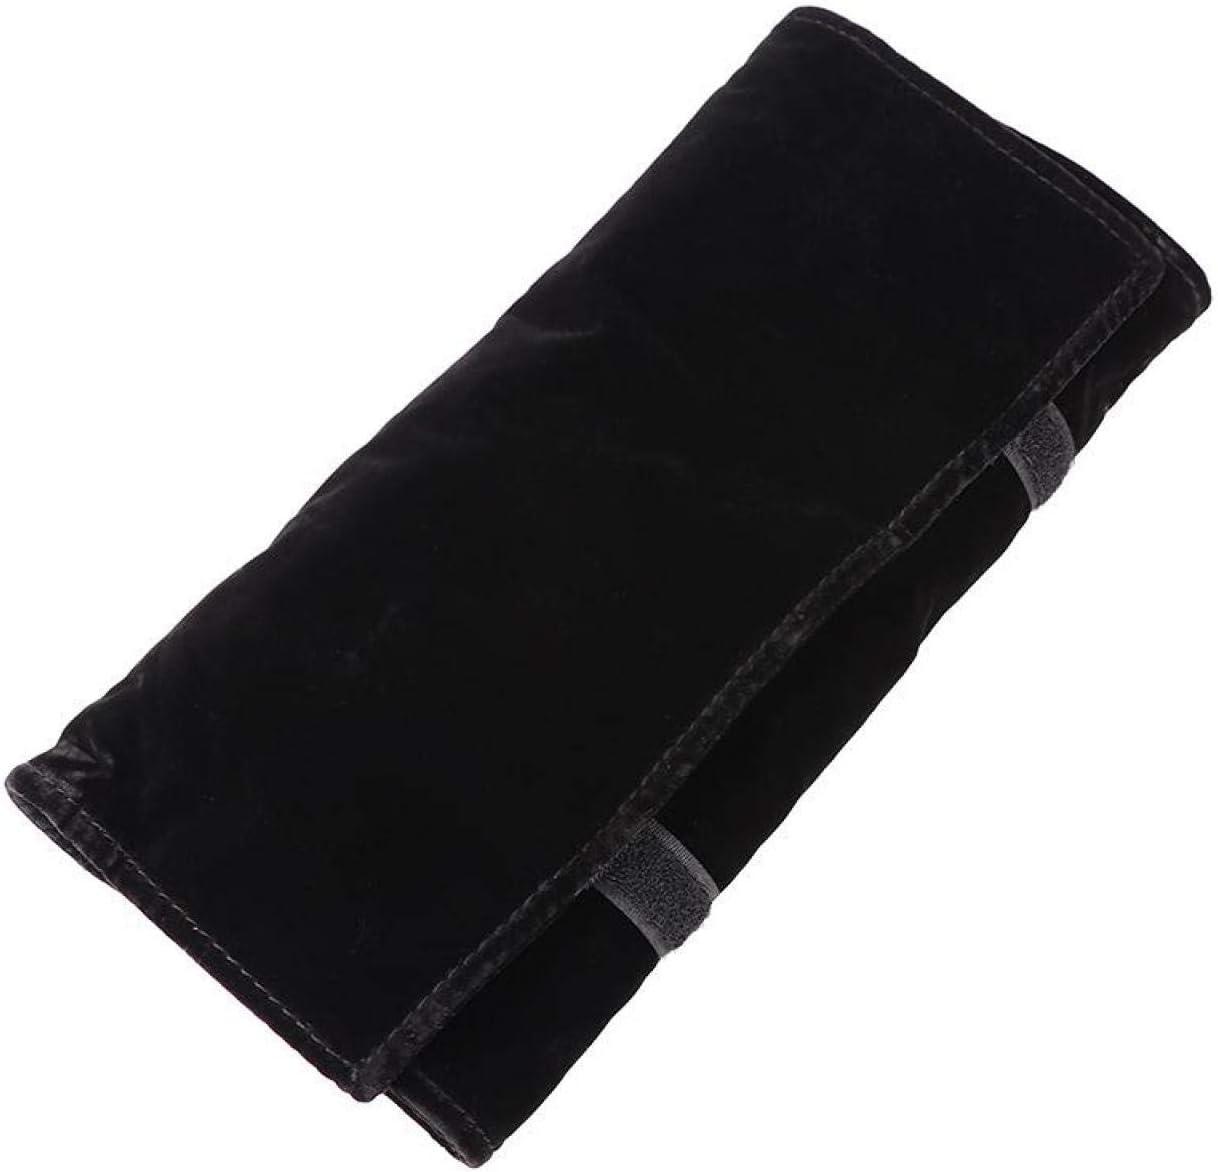 Soporte de almacenamiento de joyería duradero y antidesgaste de franela multifuncional negro, protege mejor los adornos y evita arañazos